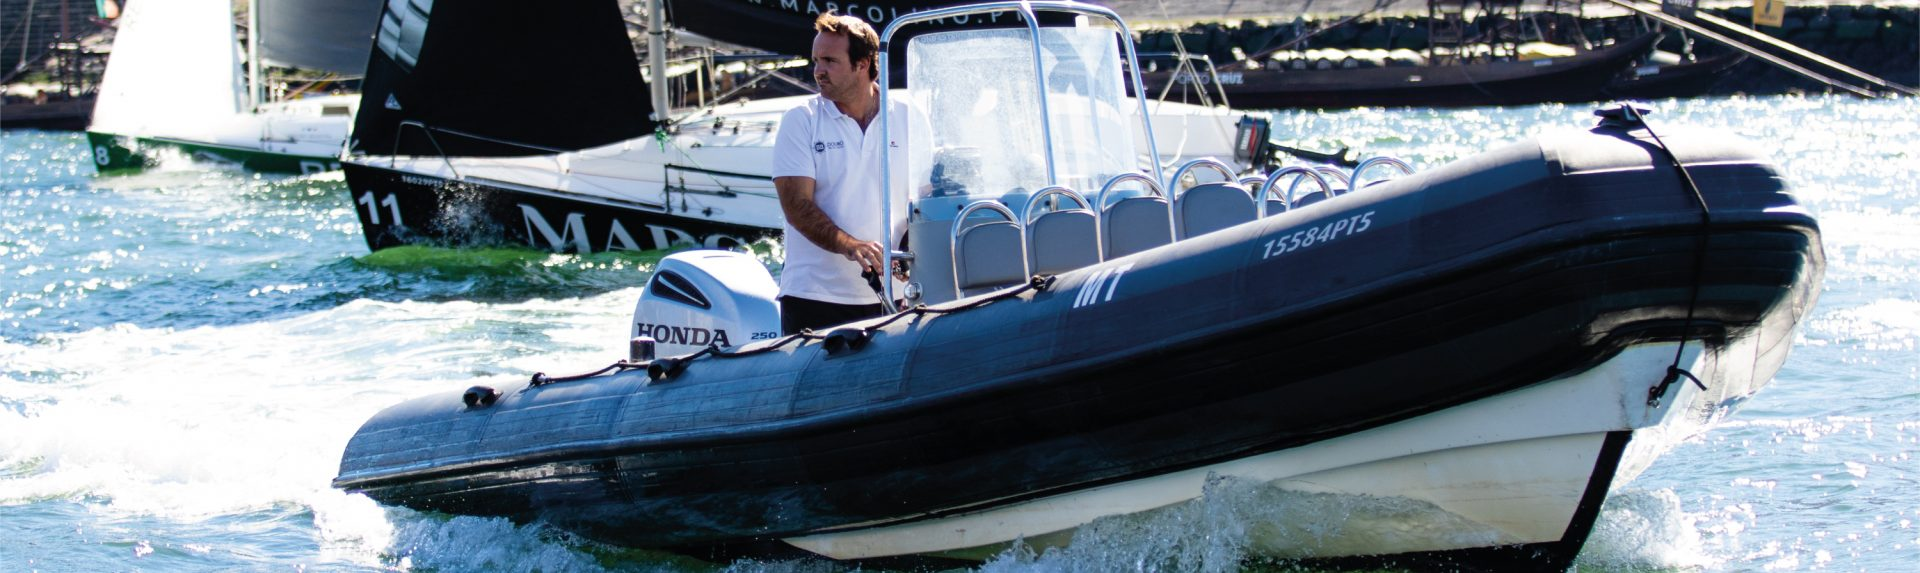 Semi-rígido Porto   BBDouro - We do Sailing